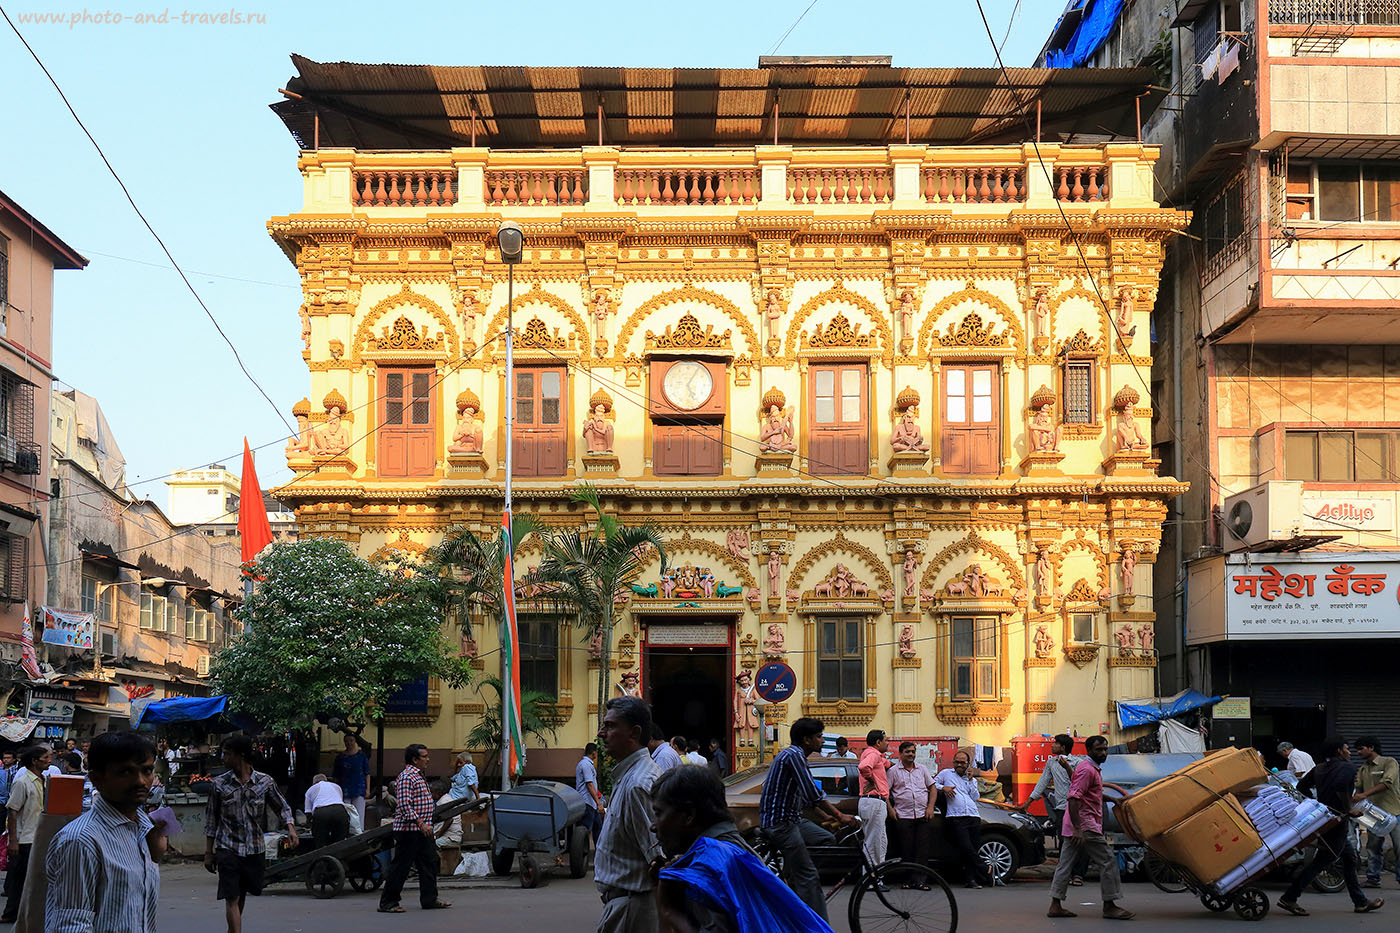 Фото 8. Храм Кришны в Мумбаи. Путешествие по Индии. Отчеты туристов. (24-70, 1/500, 0eV, f8, 24 mm, ISO 640)